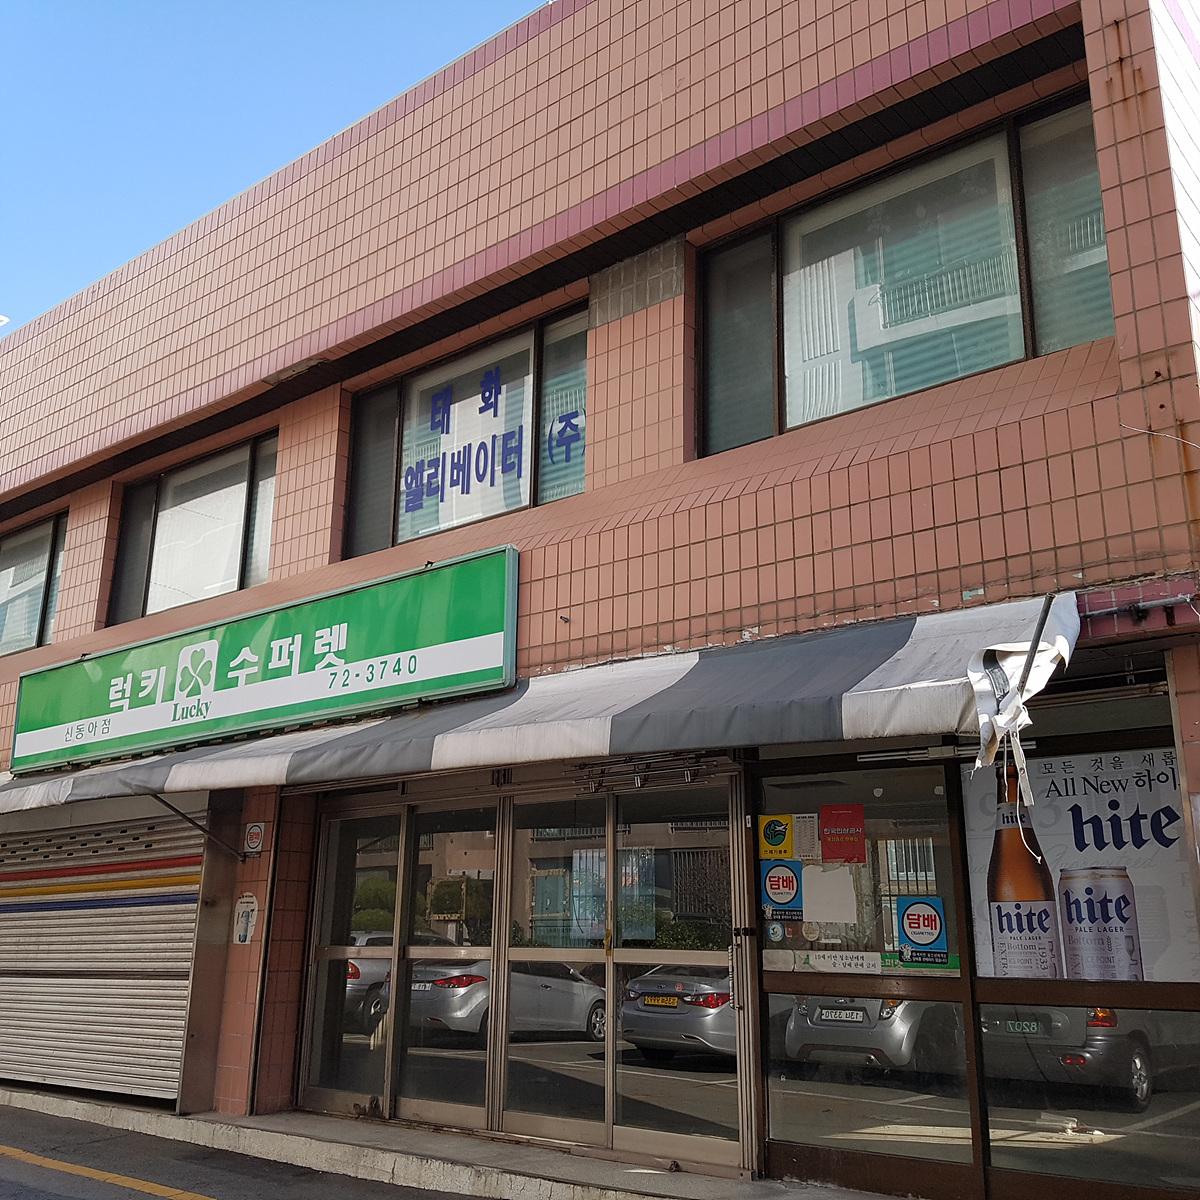 1 번째 사진 판매시설 에  연면적117 ㎡ 부산광역시 해운대구 우동 천장 텍스 및 지붕 슬레이트 철거에 관한 석면조사